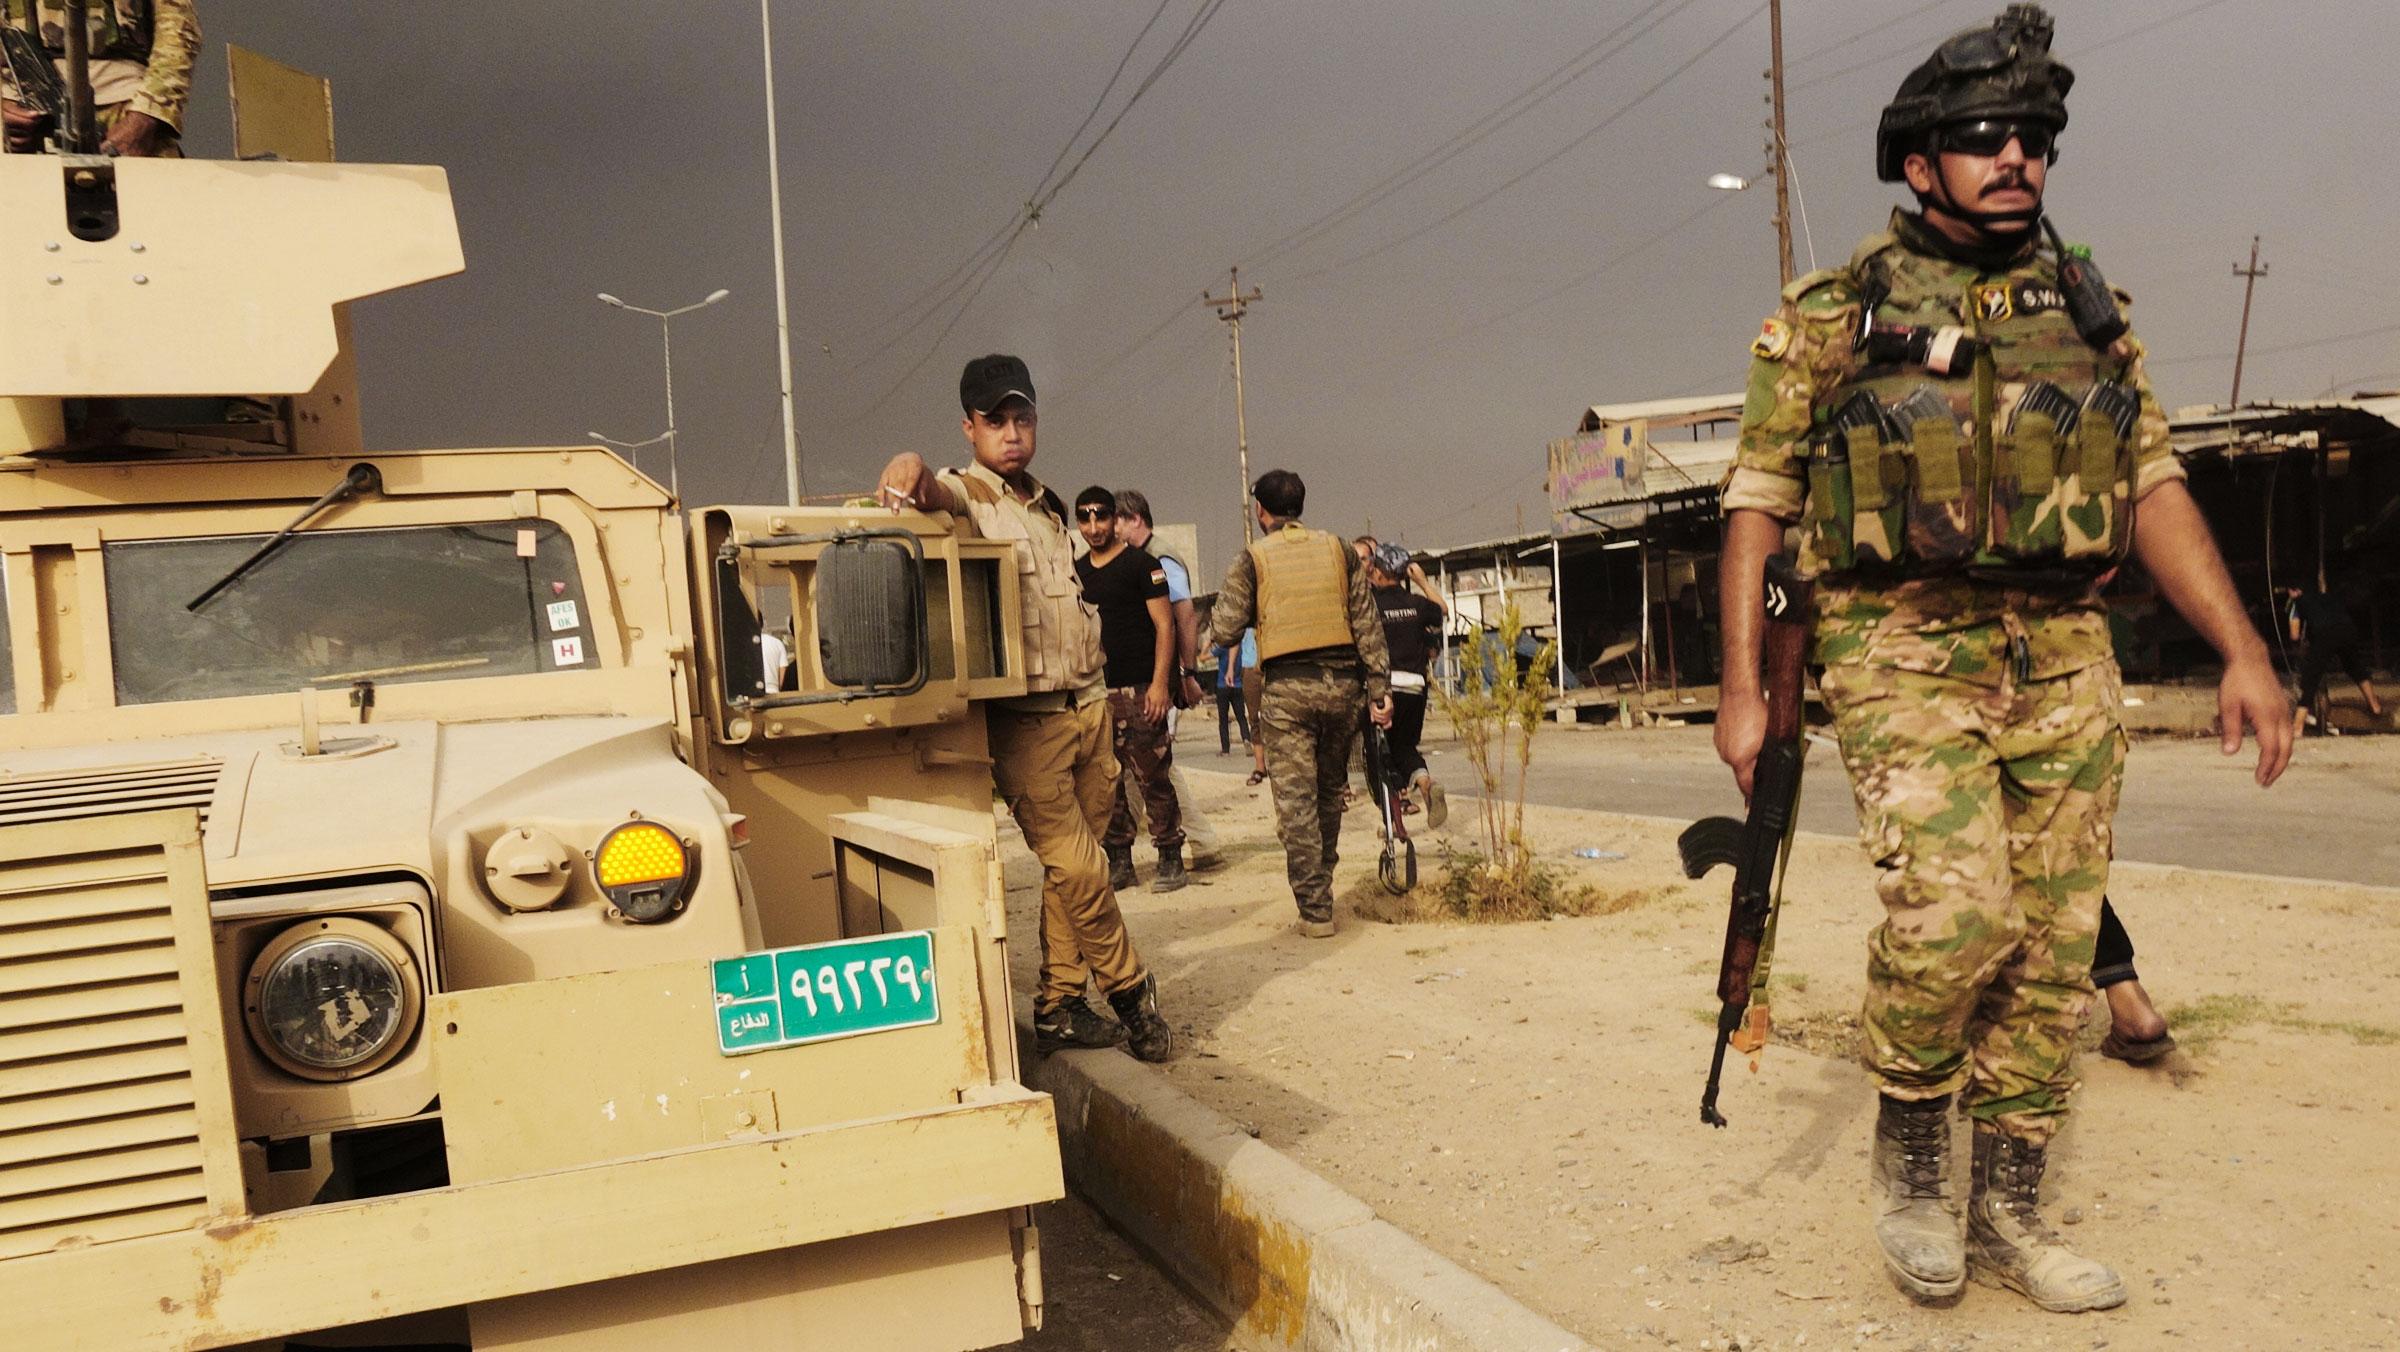 Krieg und Terror In der Hoelle Syriens German dl doku HDTVRiP x264 UTOPiA